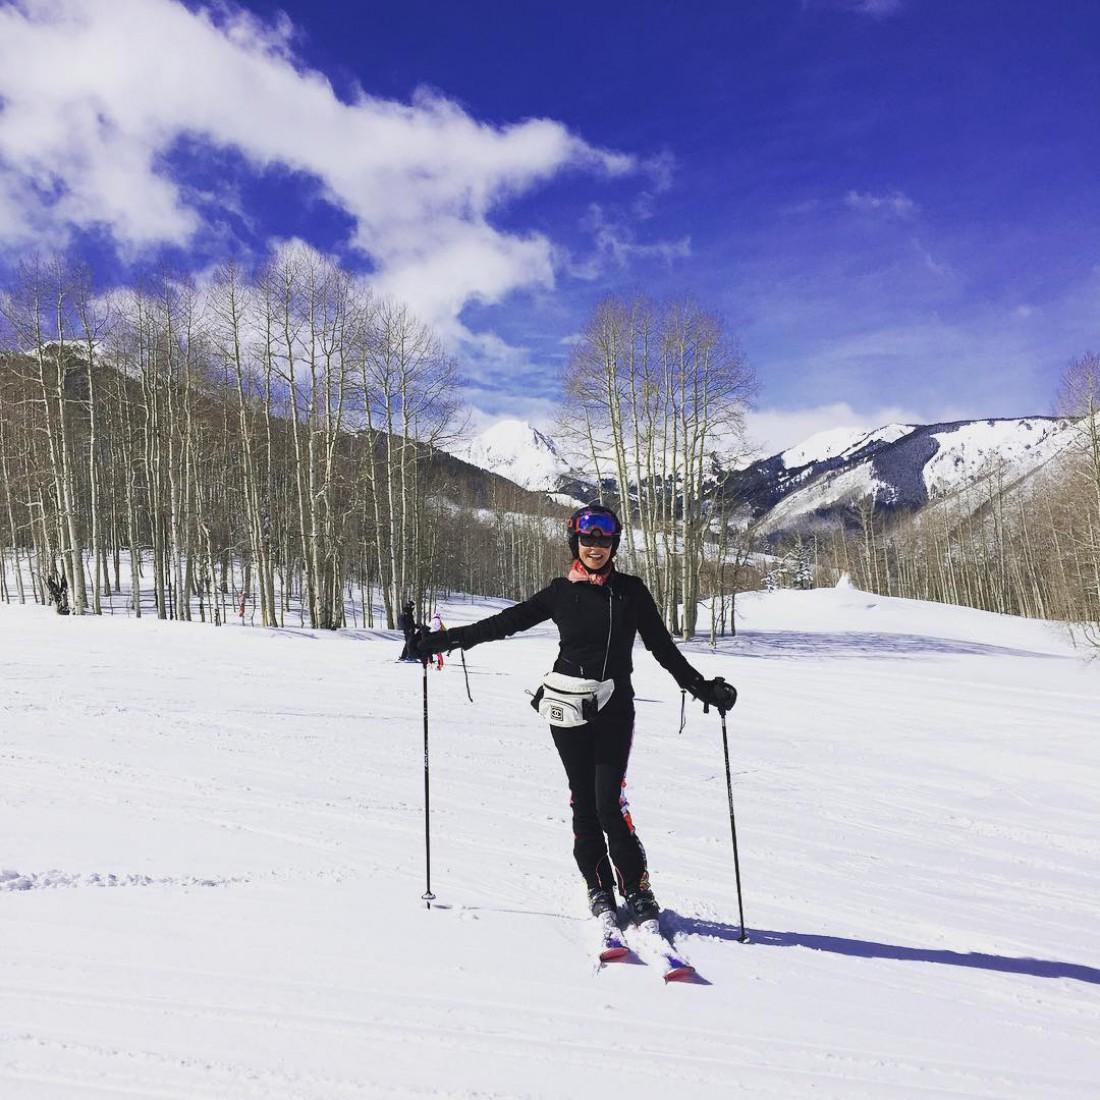 Кэтрин Зета-Джонс на лыжах в Аспене